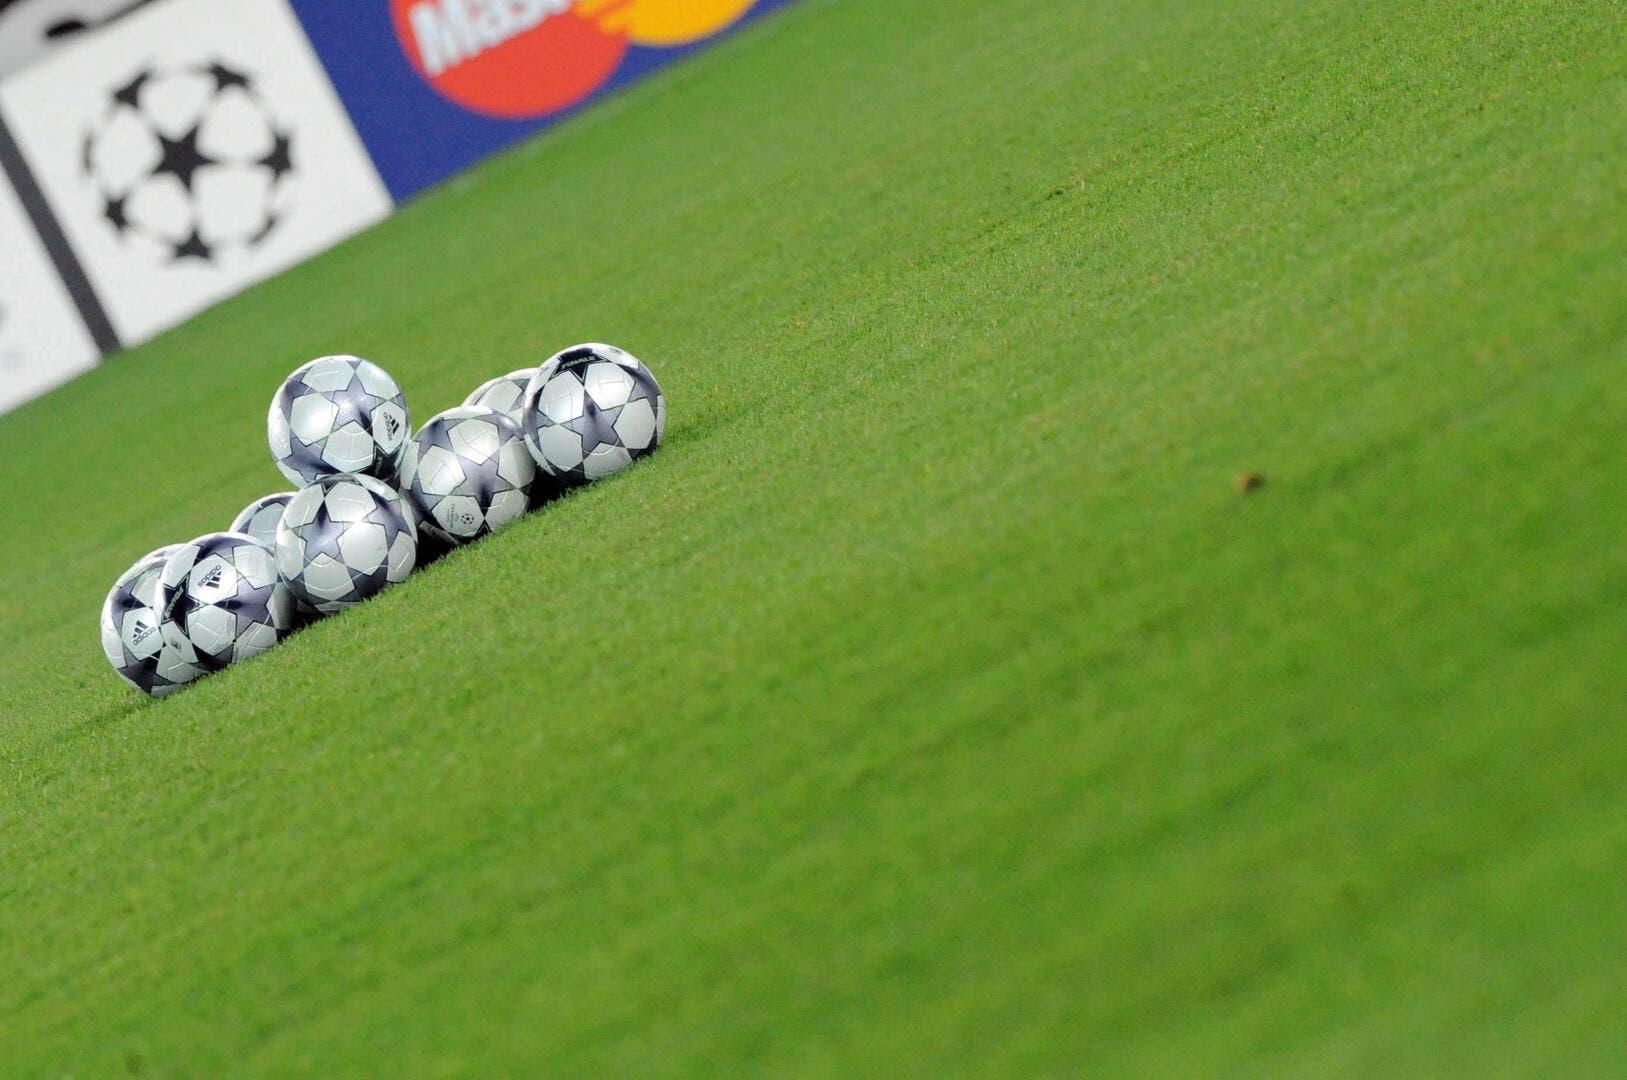 Football coupe d 39 europe c1 les calendriers de l 39 ol - Calendrier coupe d europe foot ...